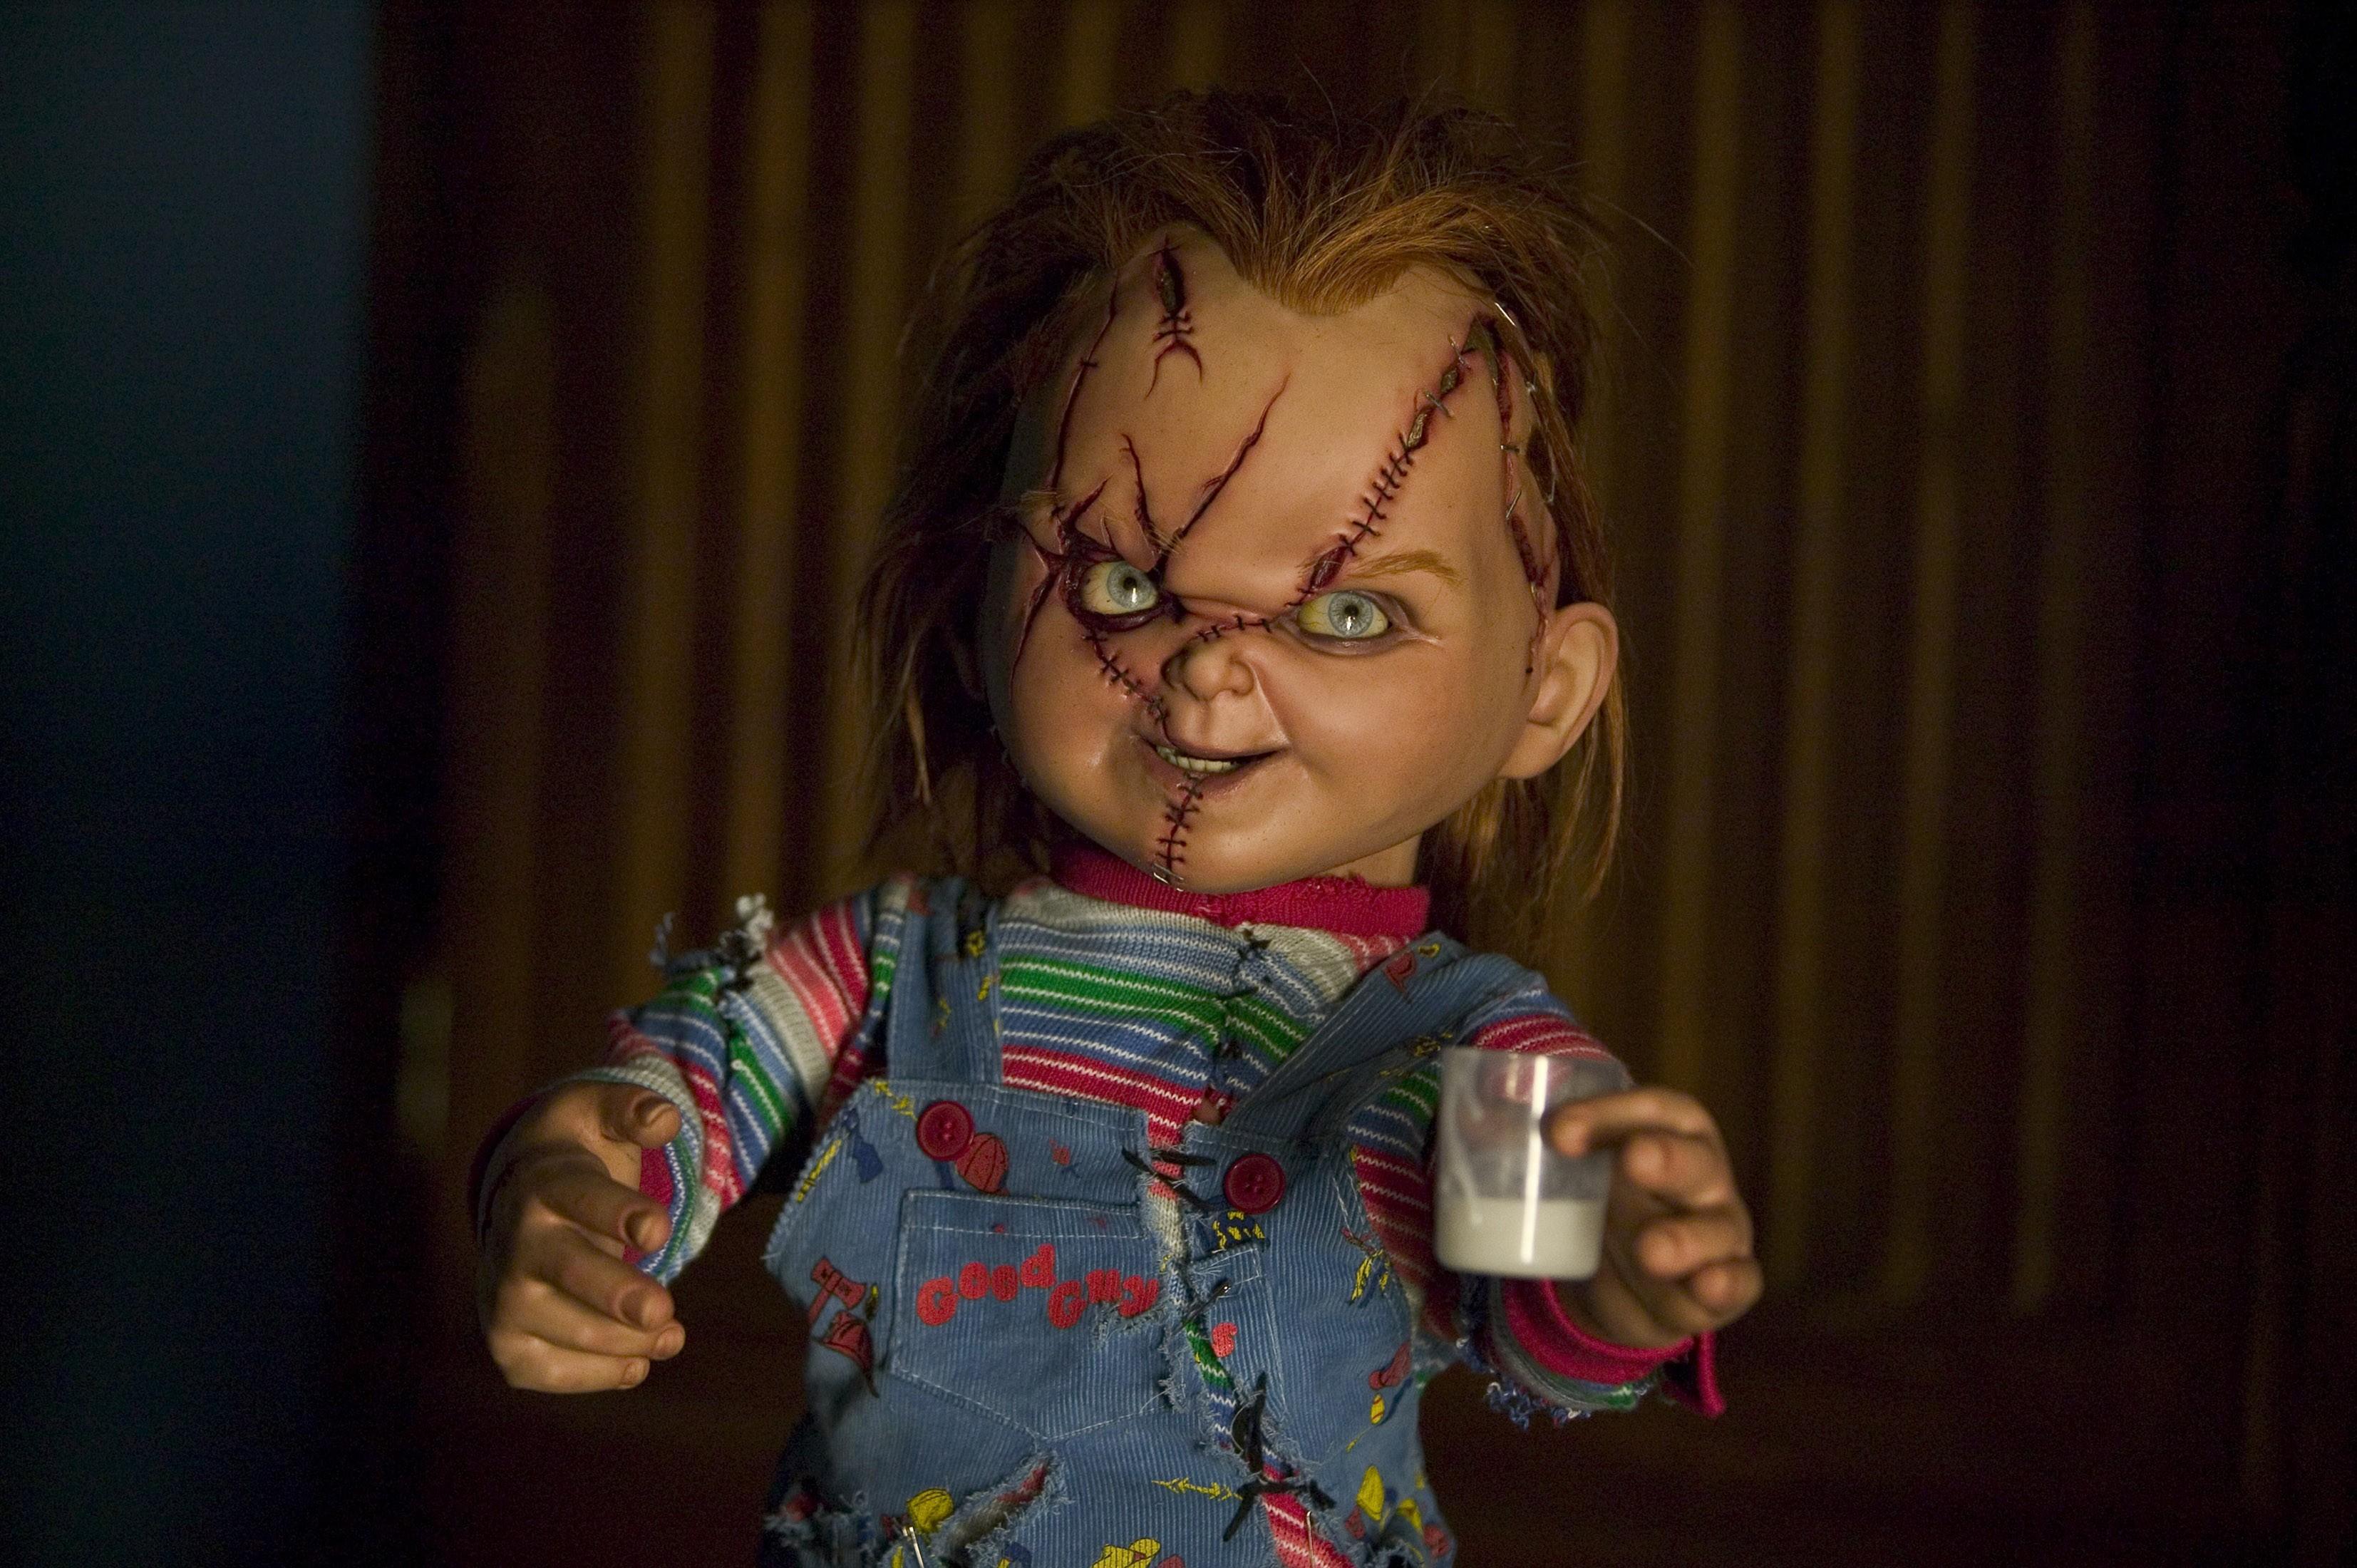 Chuckyról, a horrorbabáról küldtek ki vészjelzést Texasban